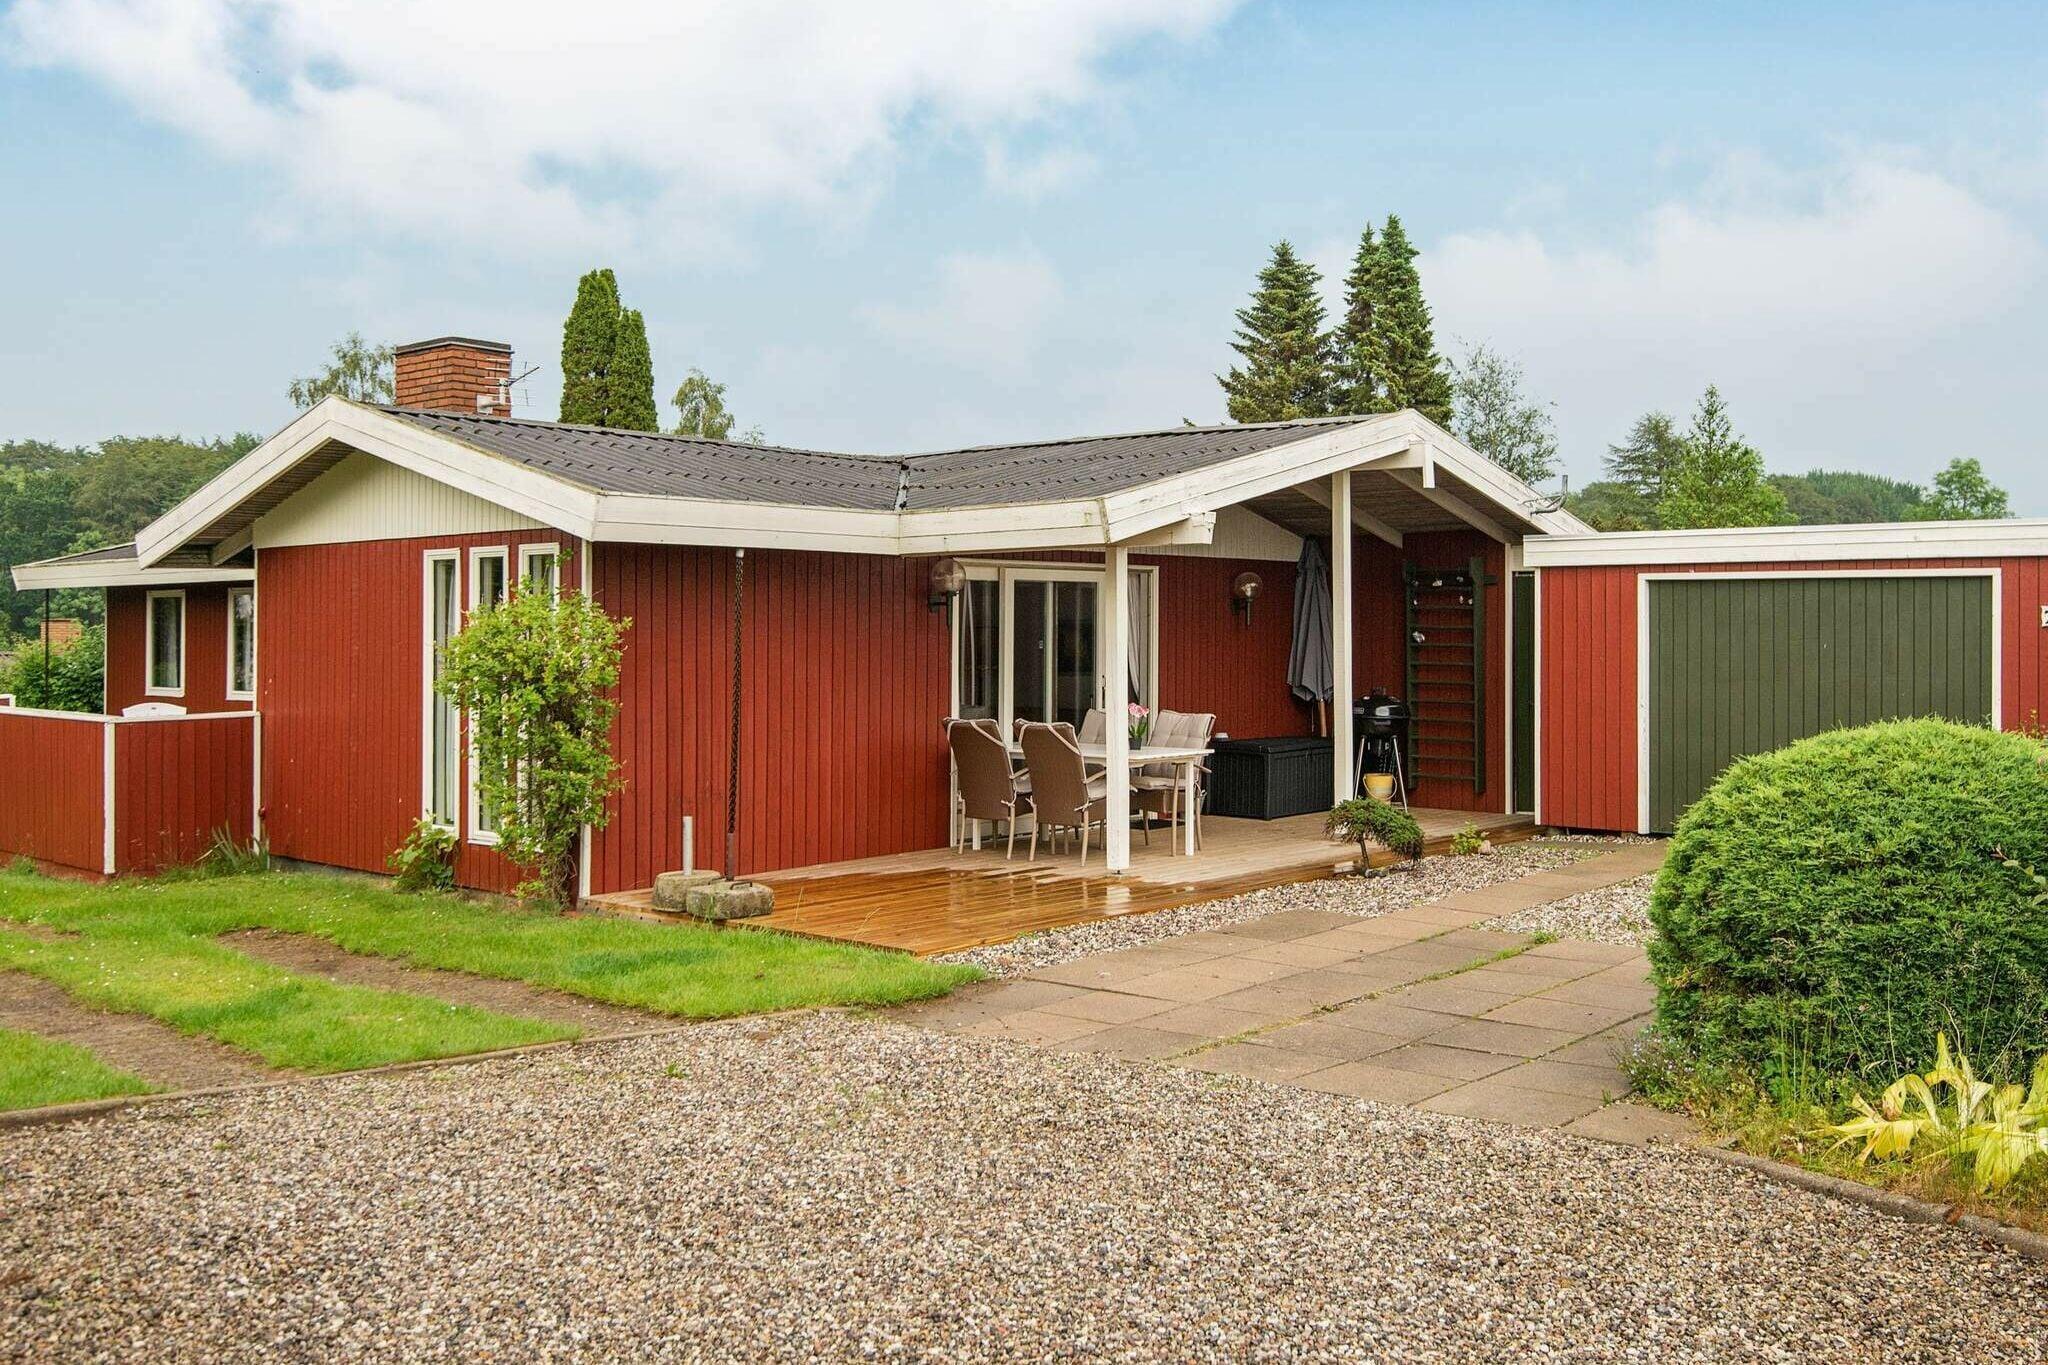 Ferienhaus in Egernsund für 8 Personen